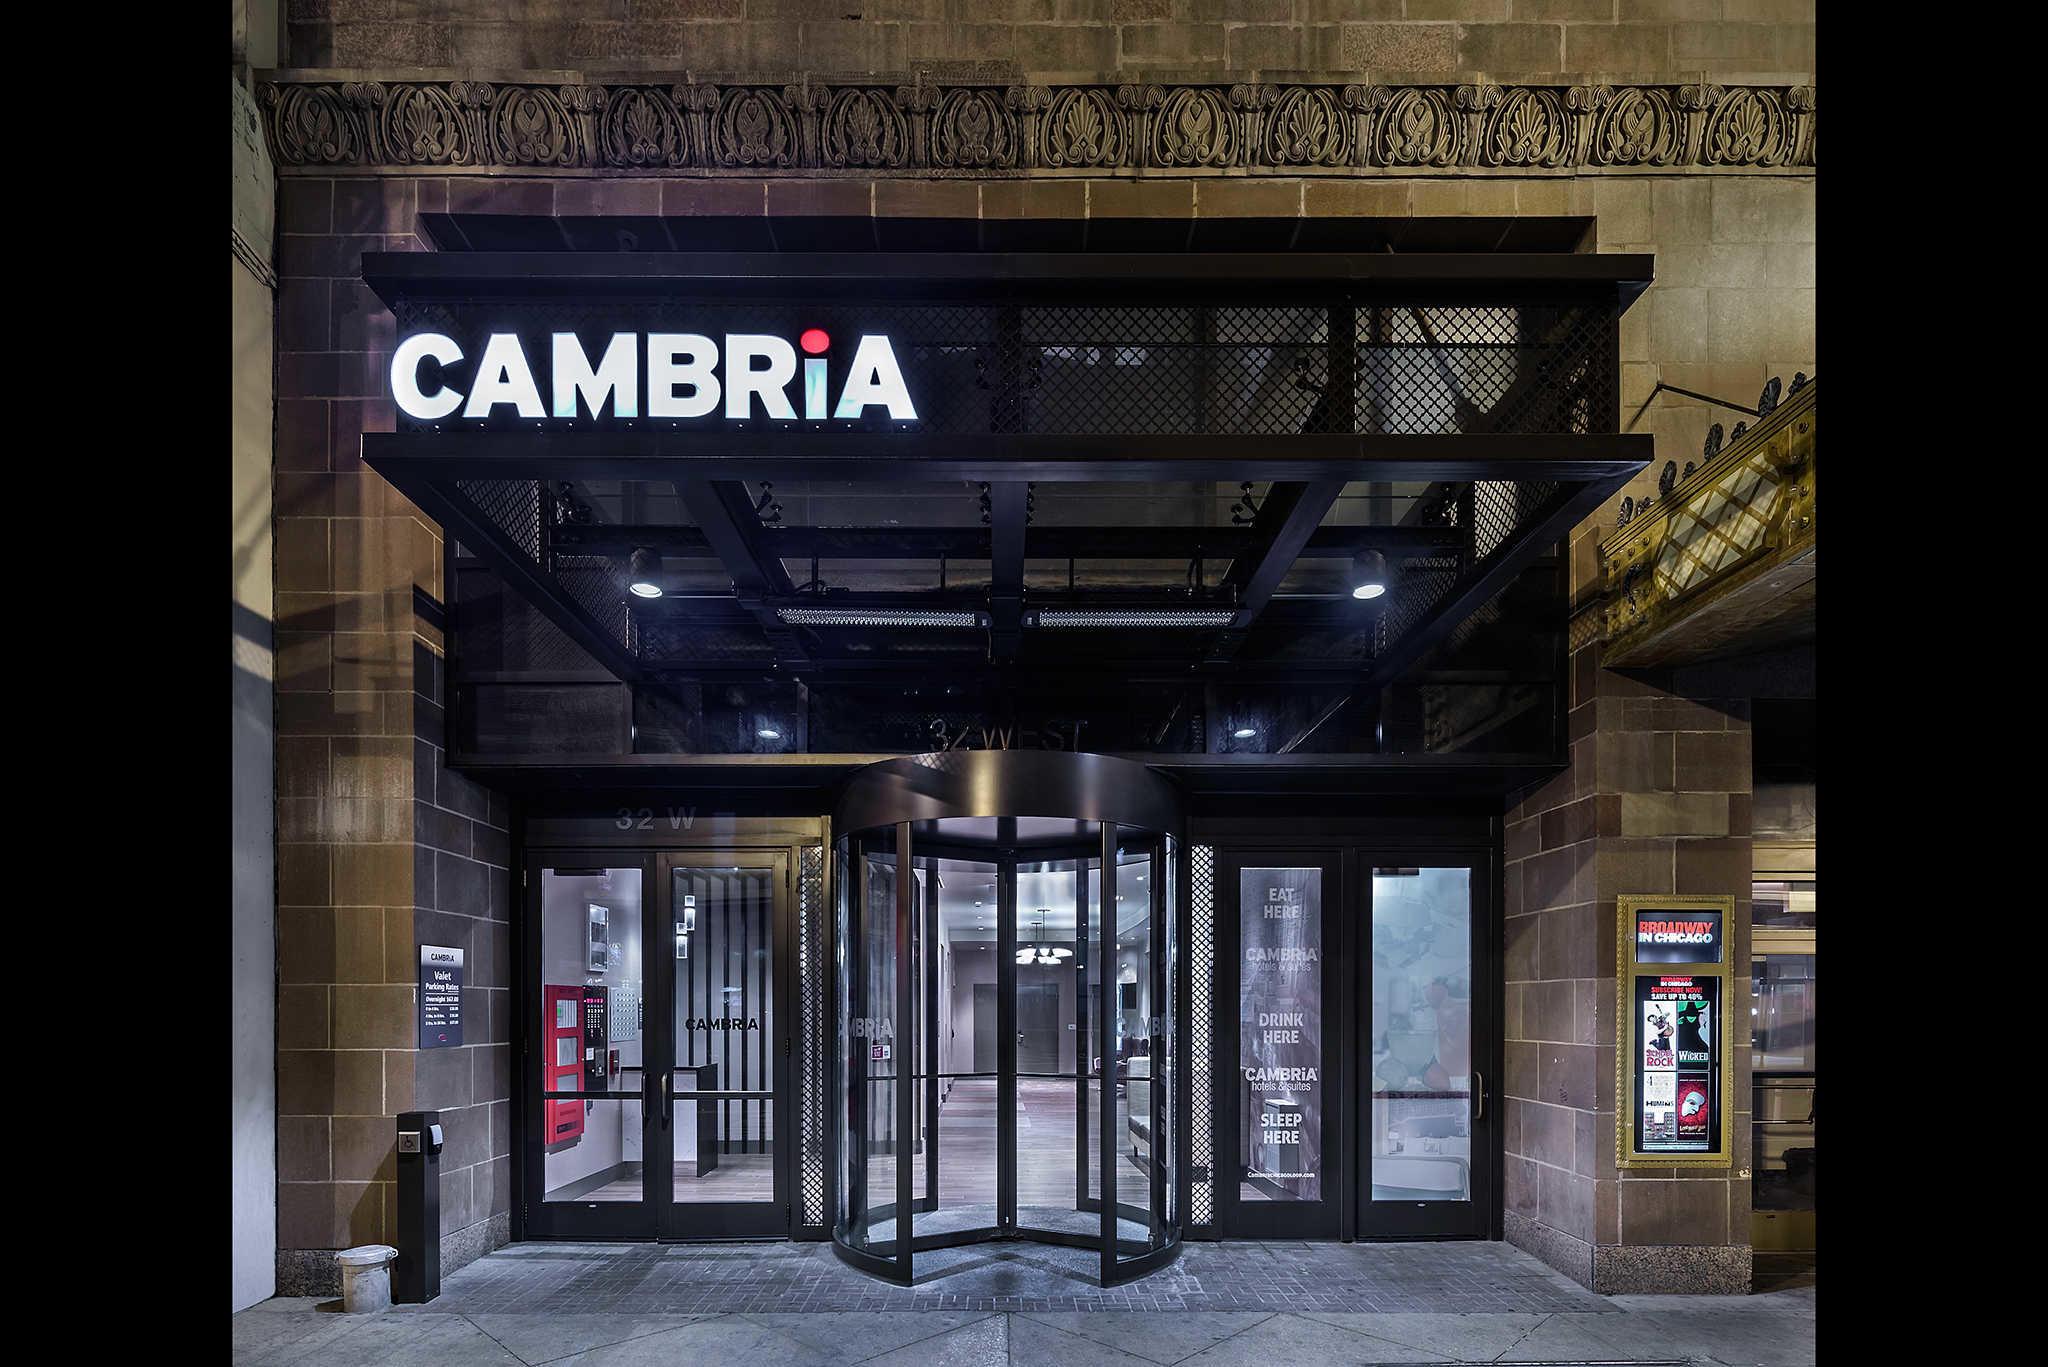 Cambria Hotel Chicago Reviews